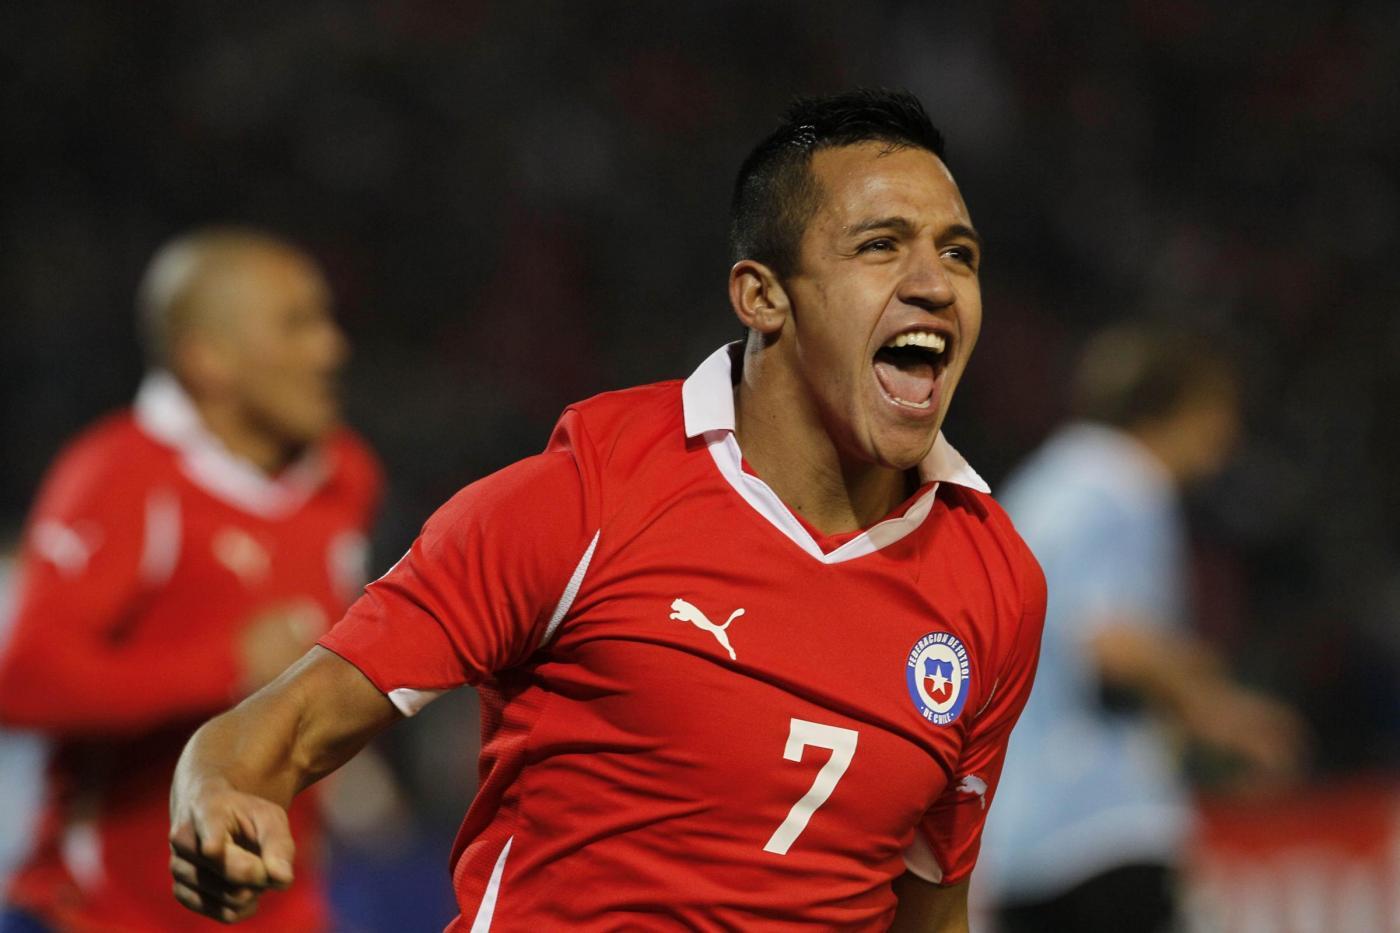 Mondiali Gruppo B: Sanchez trascina il Cile contro l'Australia